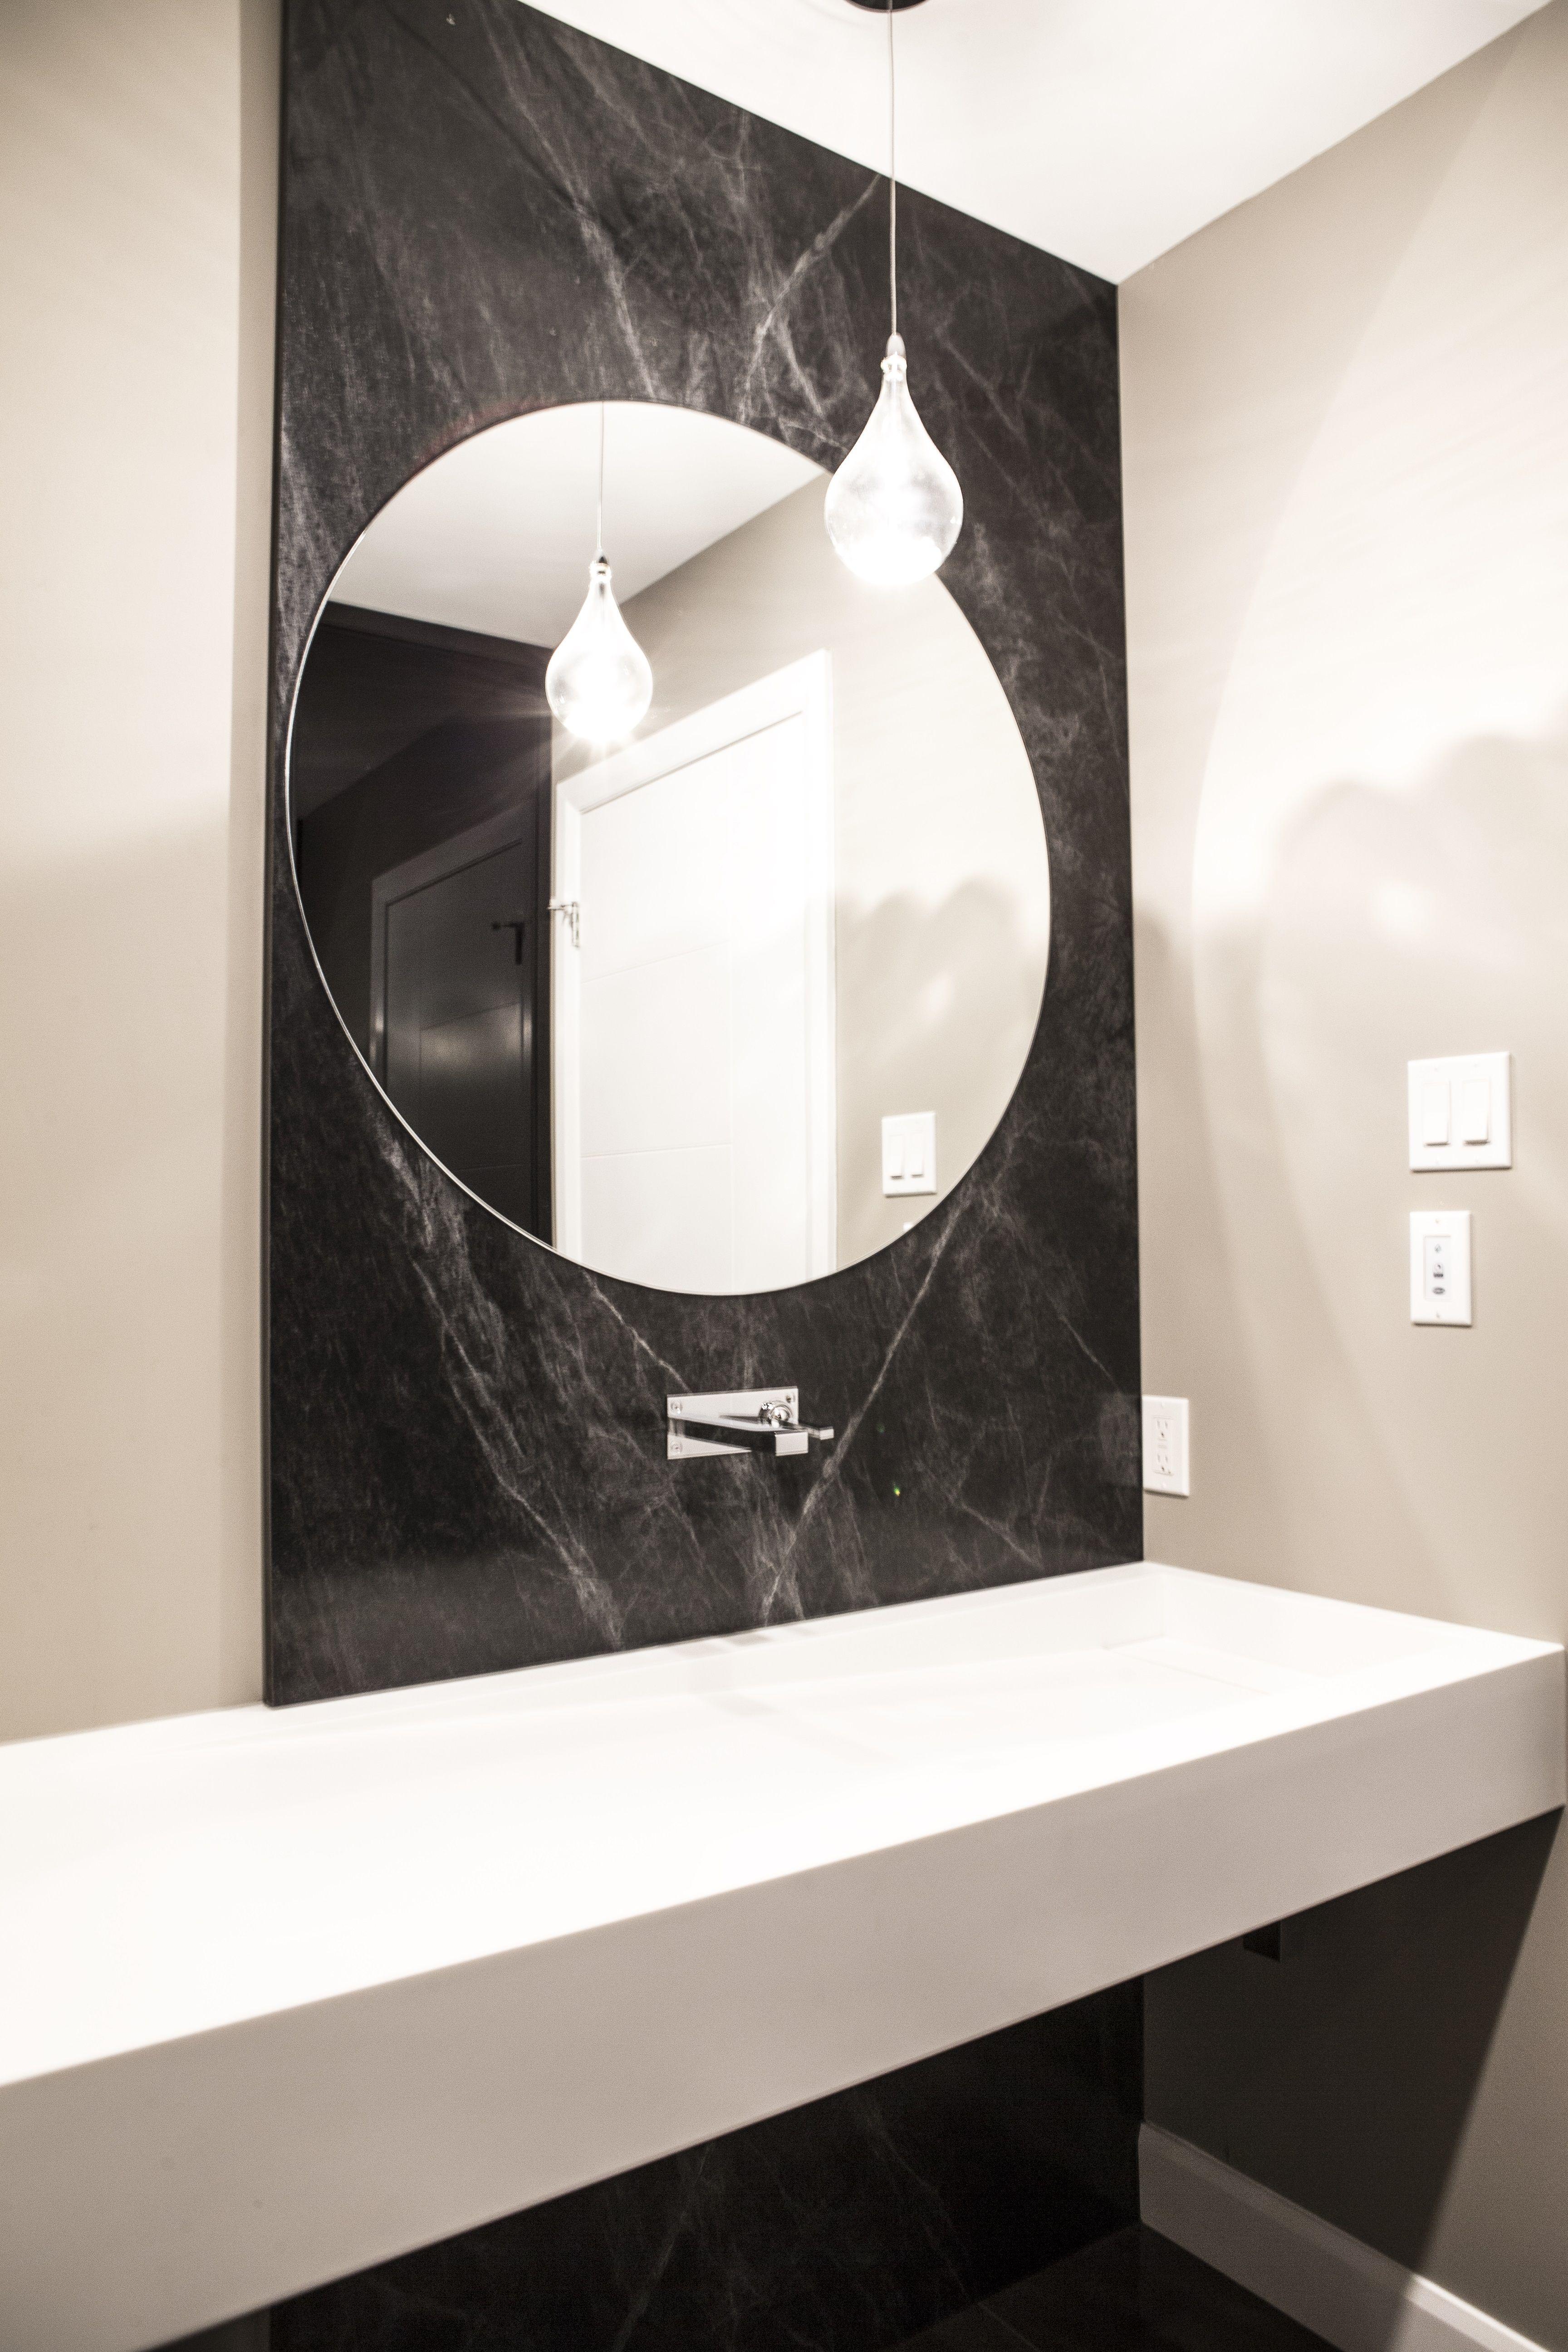 Meuble Corian Sur Mesure salle d'eau - lavabo en corian sur mesure, dosseret de